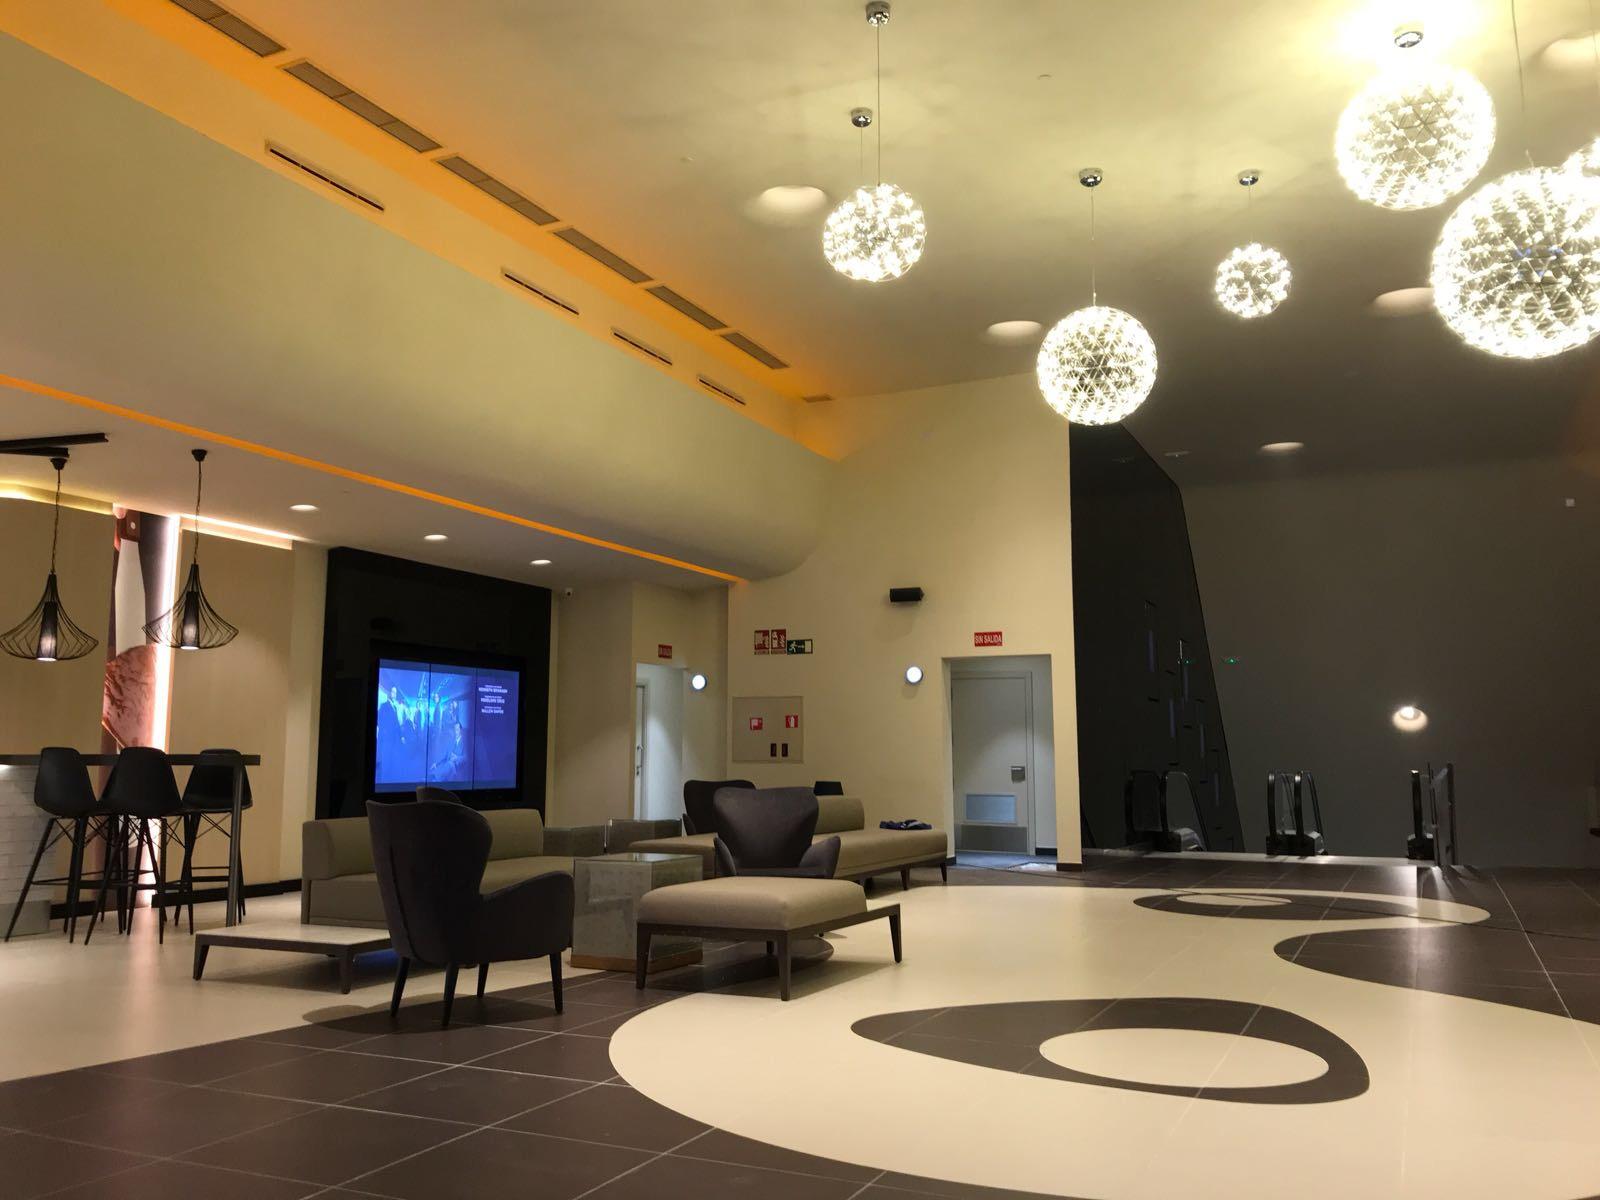 Opincan - Salas de cine Yelmo en el Centro Comercial Alisios 12